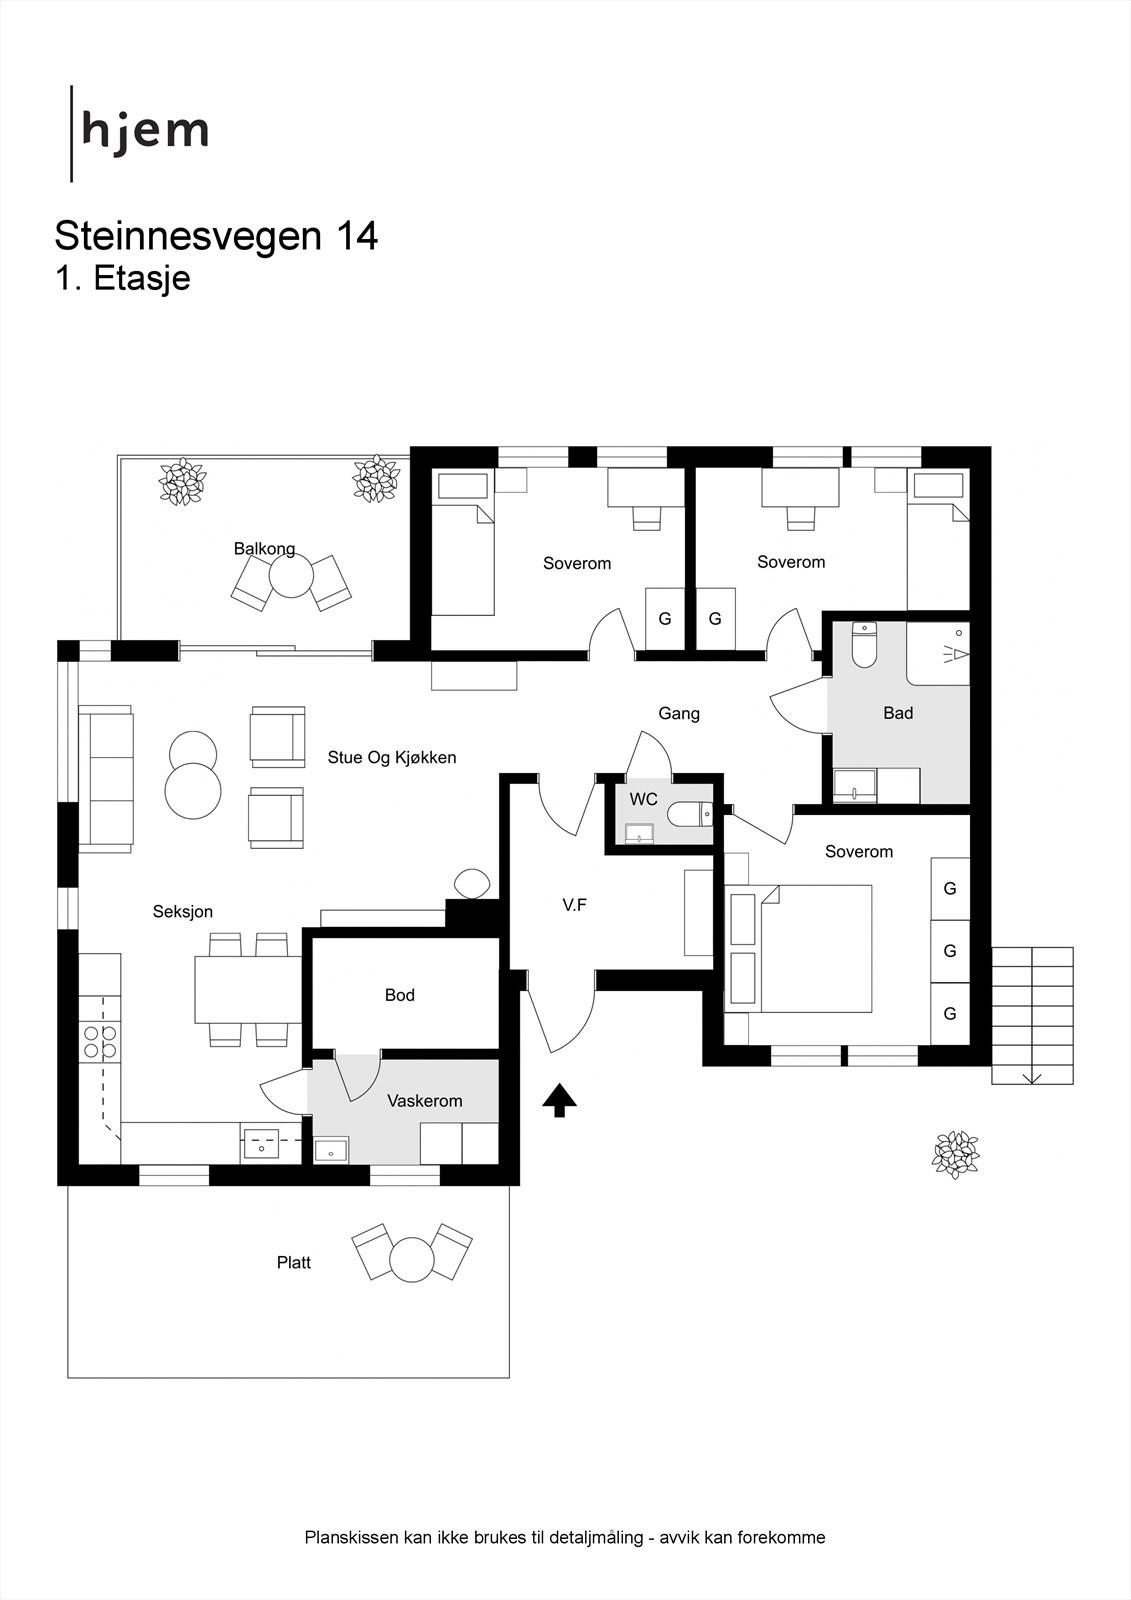 Steinnesvegen 14 - 2D - 1. etasje.